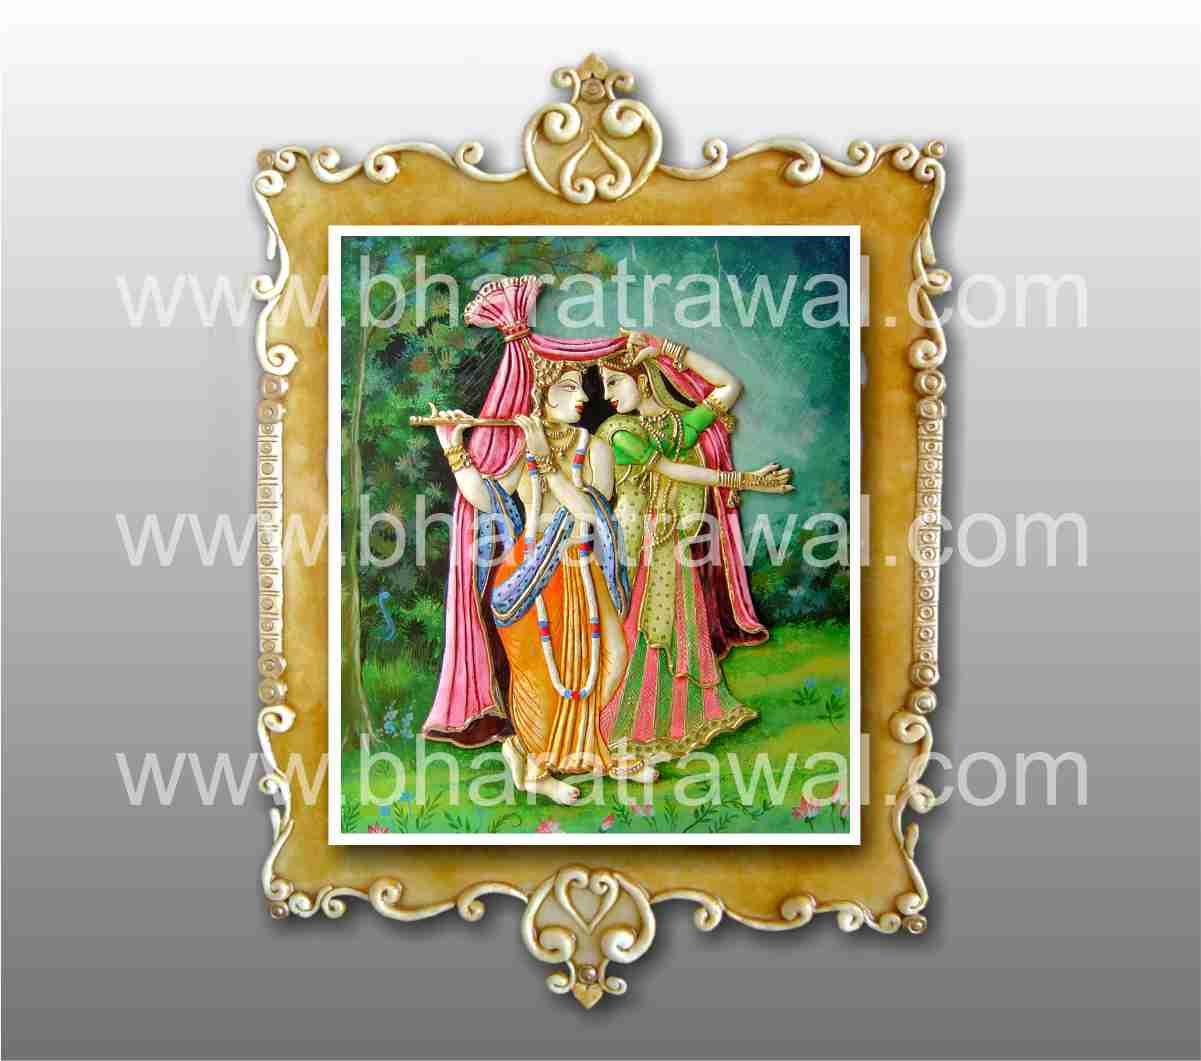 mural art by muralguru bharat rawal ceramic murals a